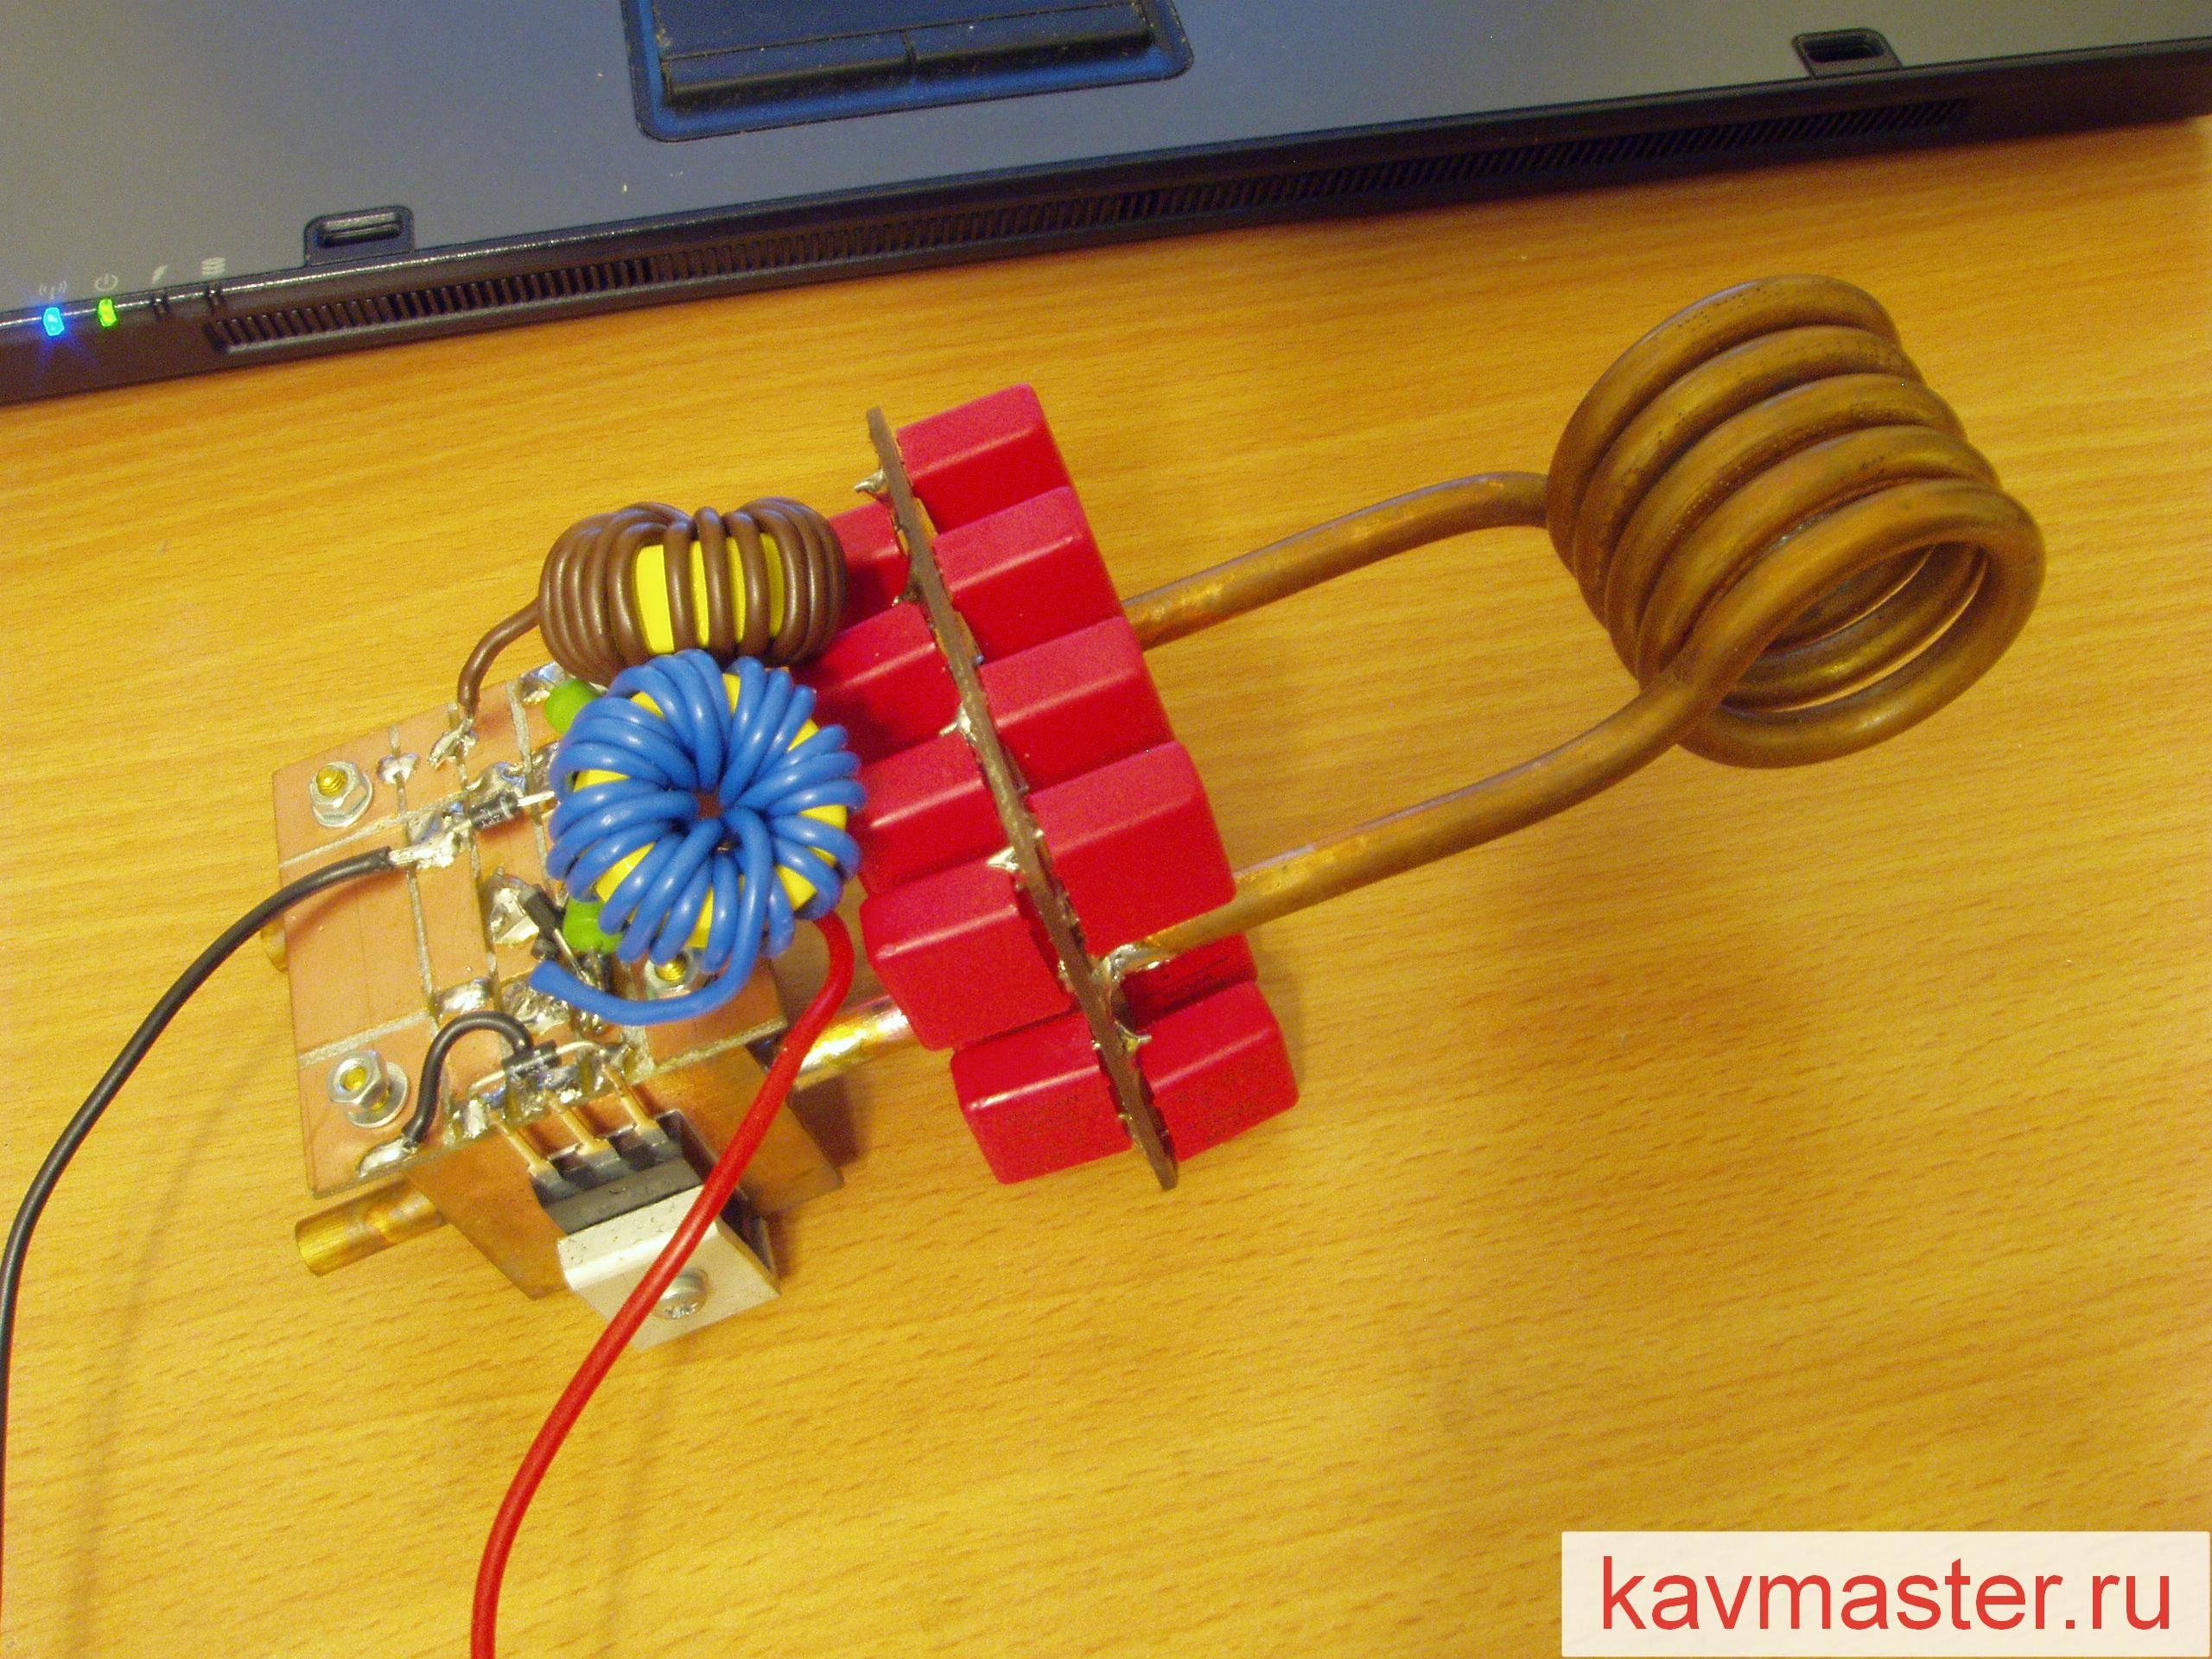 Индукционный котел своими руками: устройство, схема, чертежи, монтаж